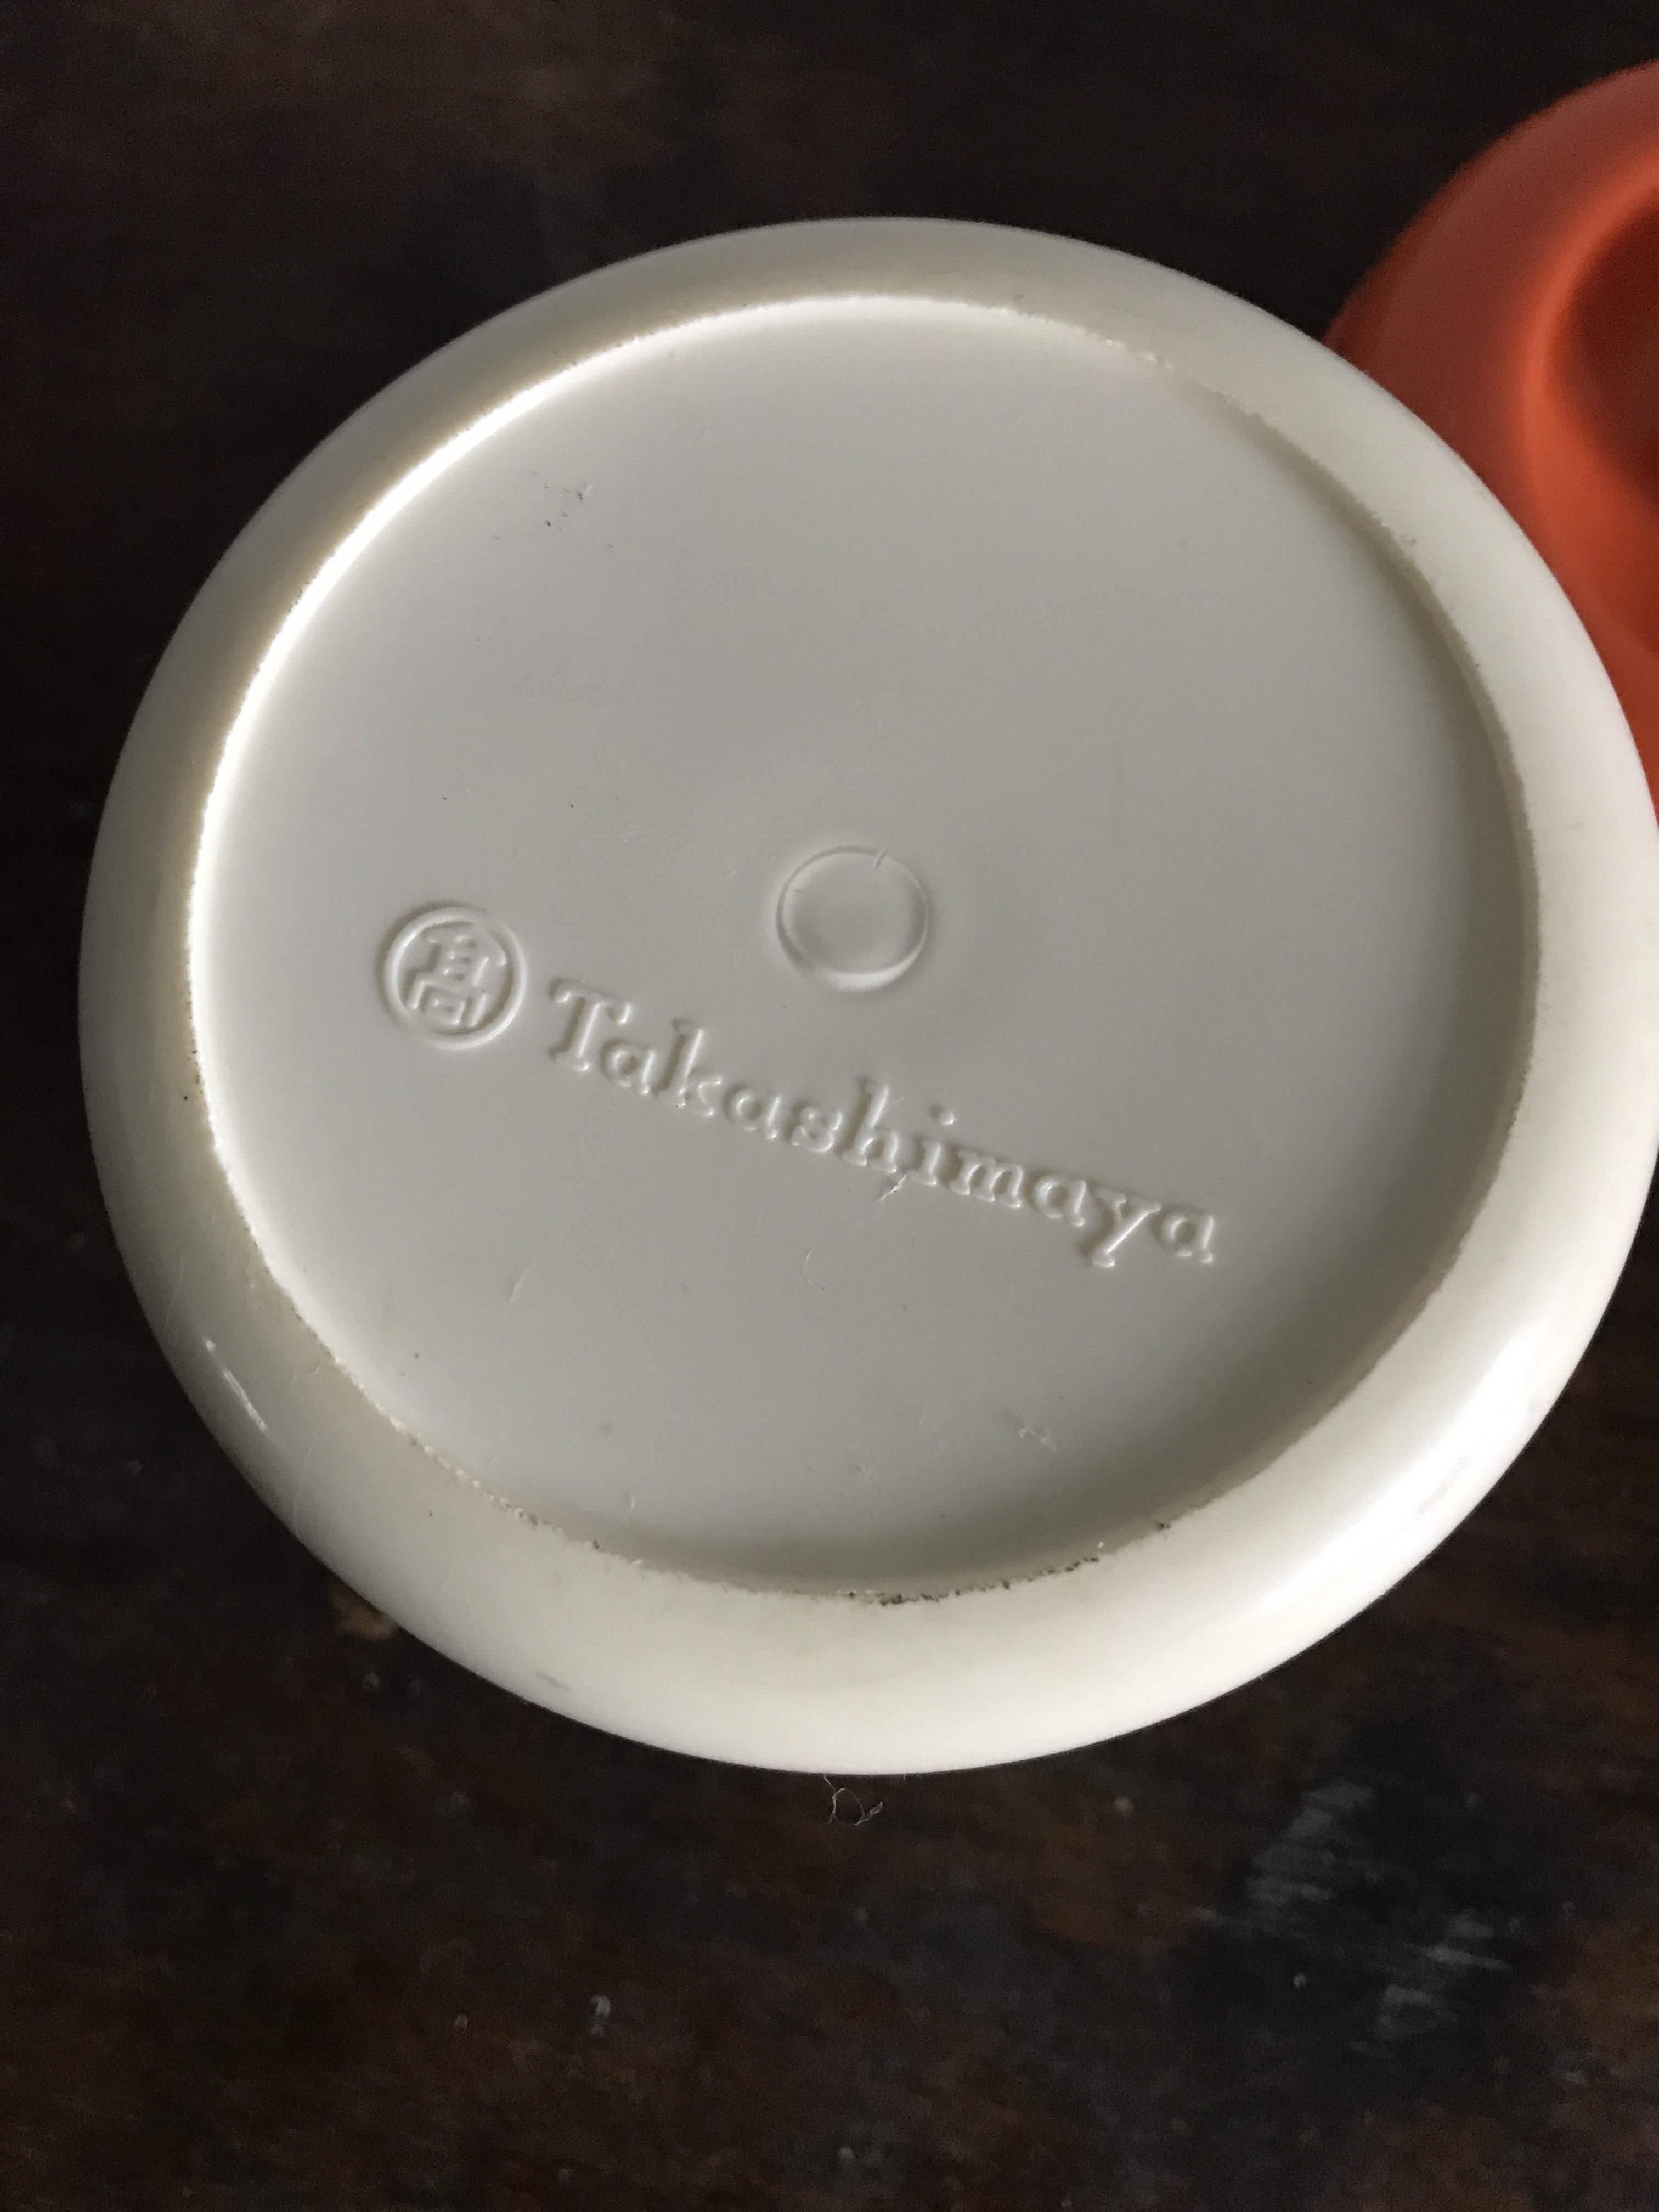 USED 高島屋 レトロプラスチック製入れ物